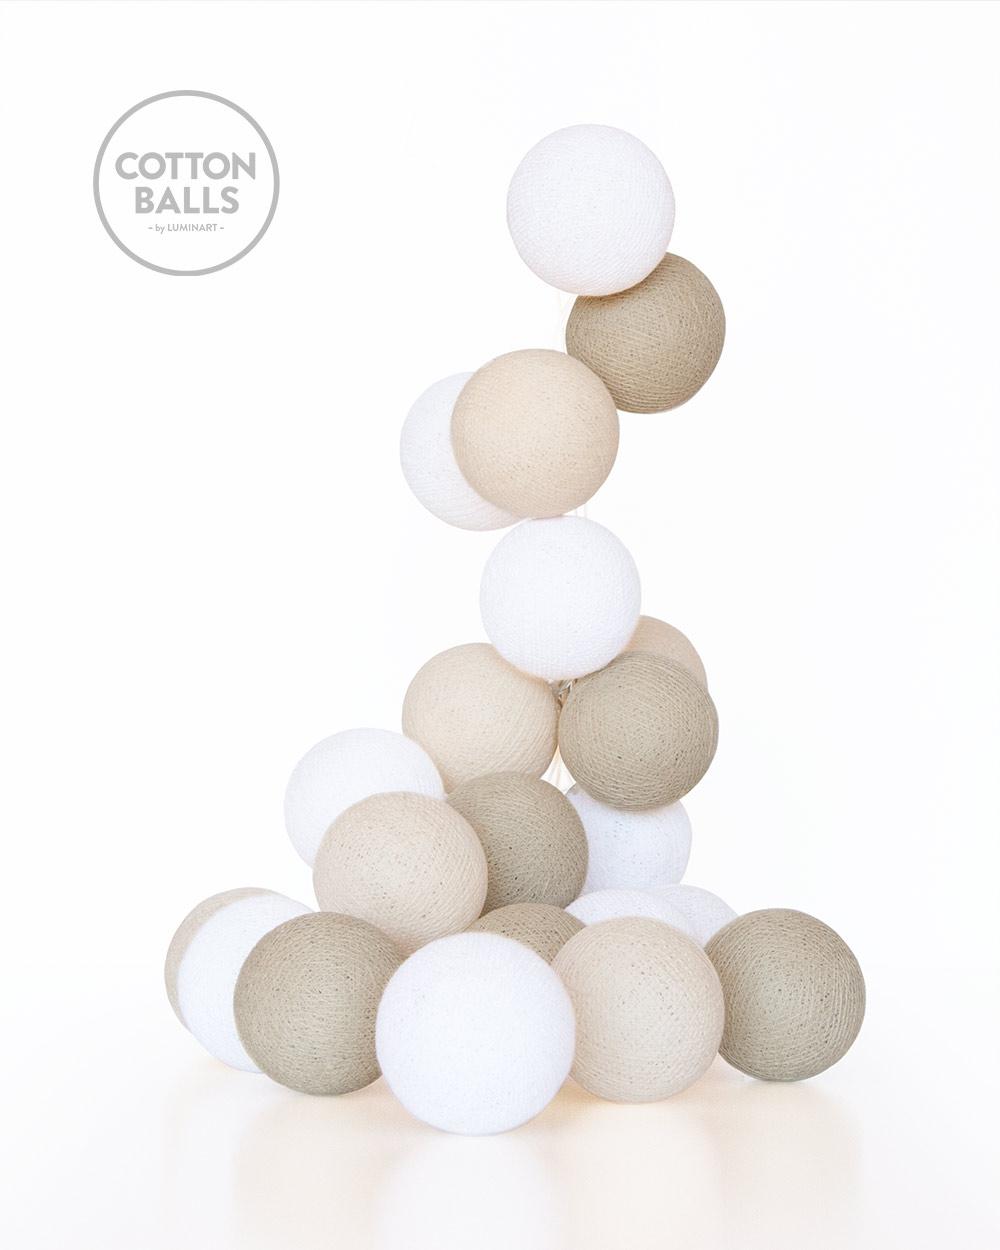 GRINALDA COTTON BALLS Crème De La Crème 10 BOLAS